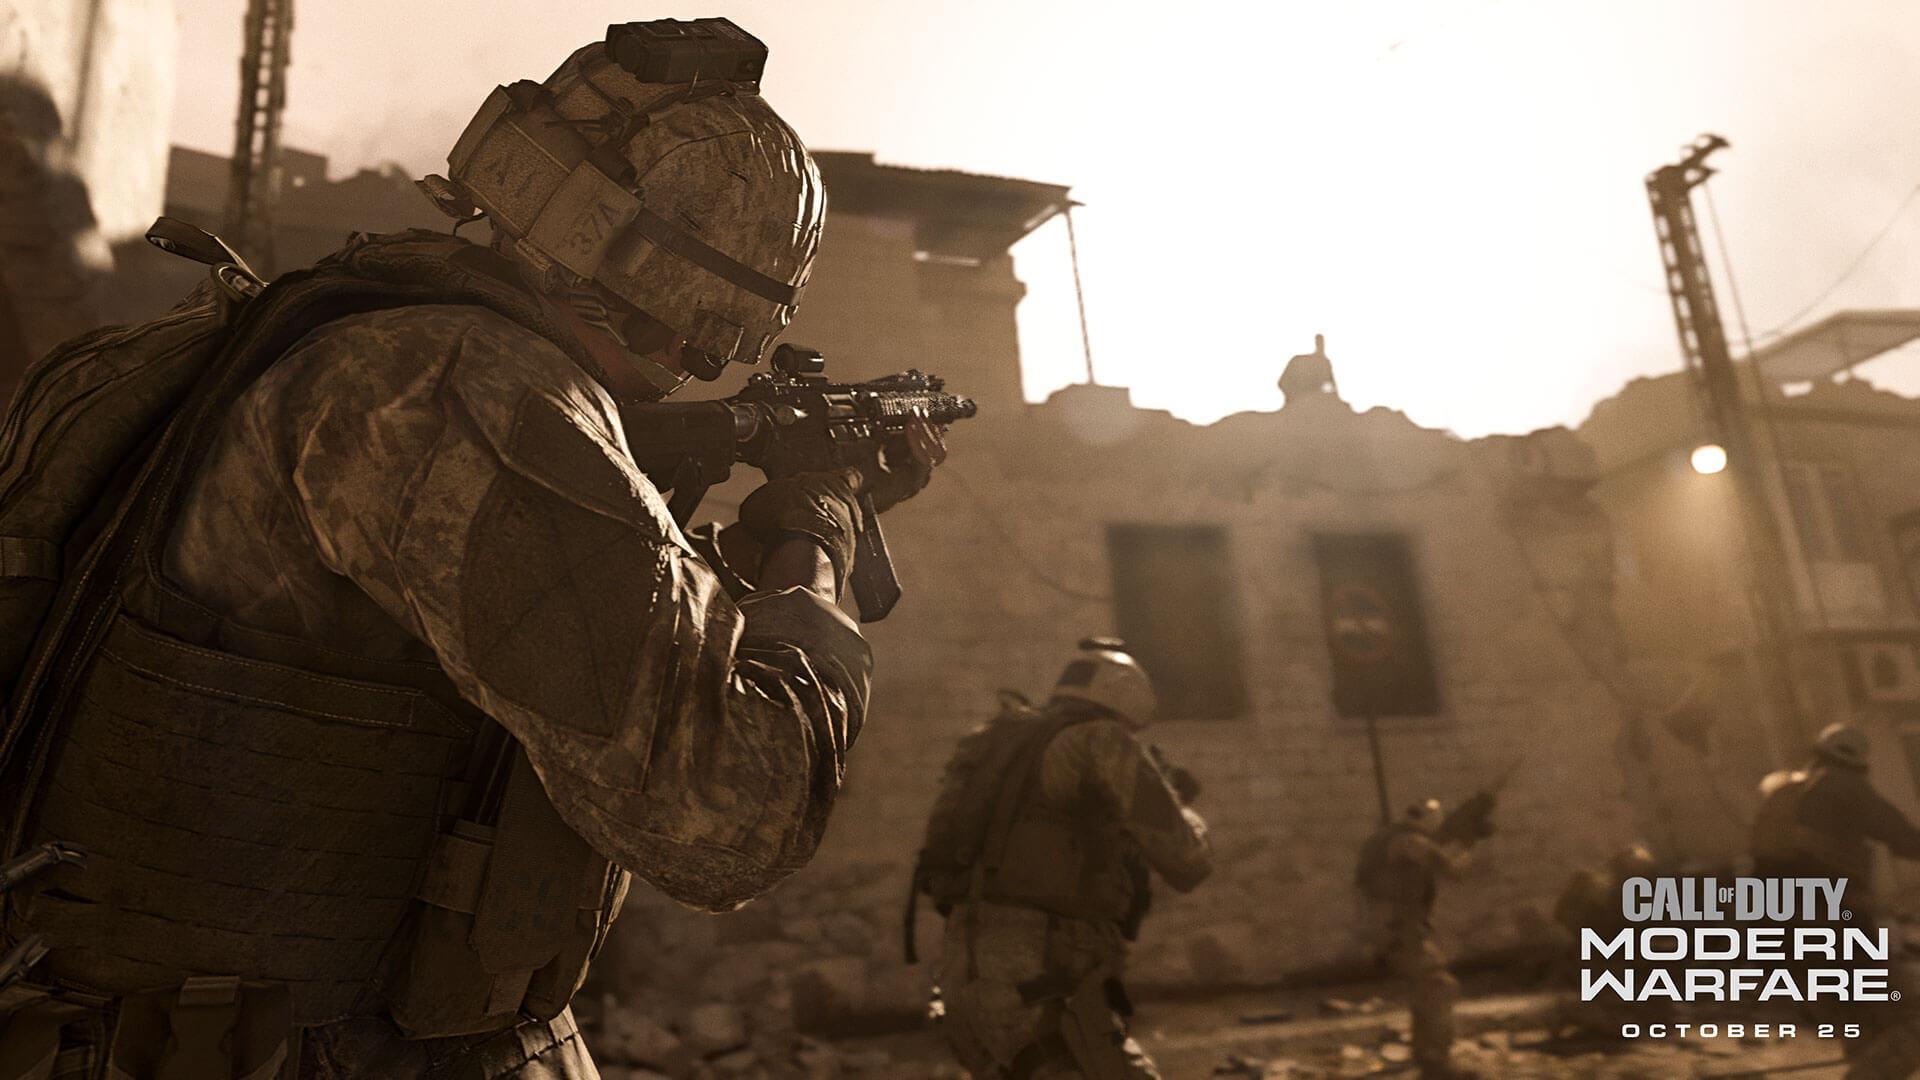 Call of Duty Modern Warfare PC Open Beta có sẵn để tải trước, tiết lộ ... 2